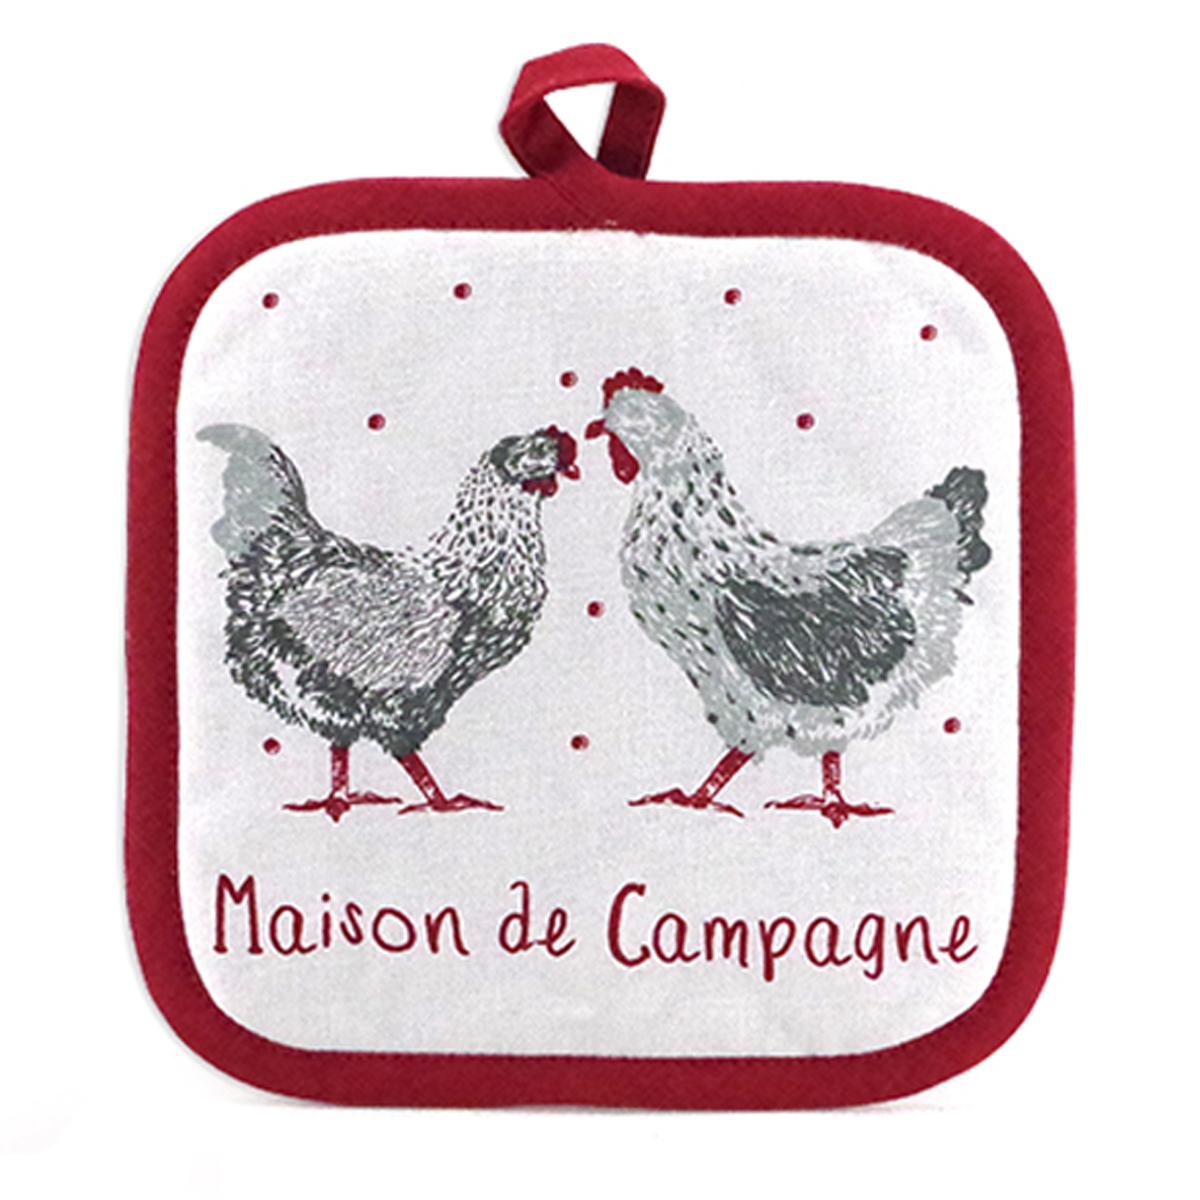 Manique coton \'Poules\' rouge blanc gris (maison de campagne) - 20x20 cm - [A1107]